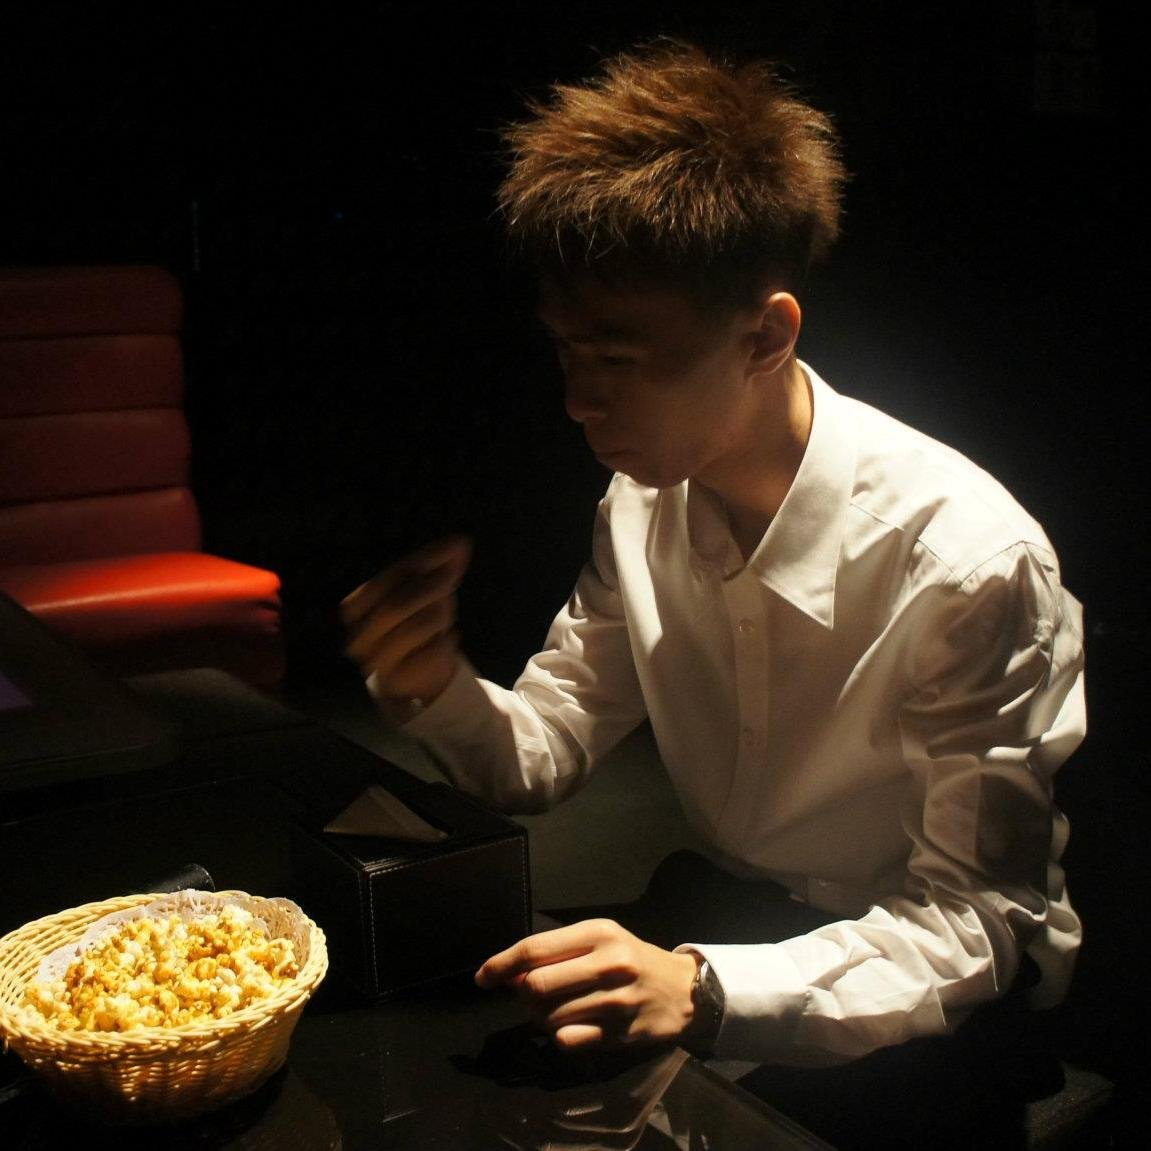 Tang Chun Man milkchuntn